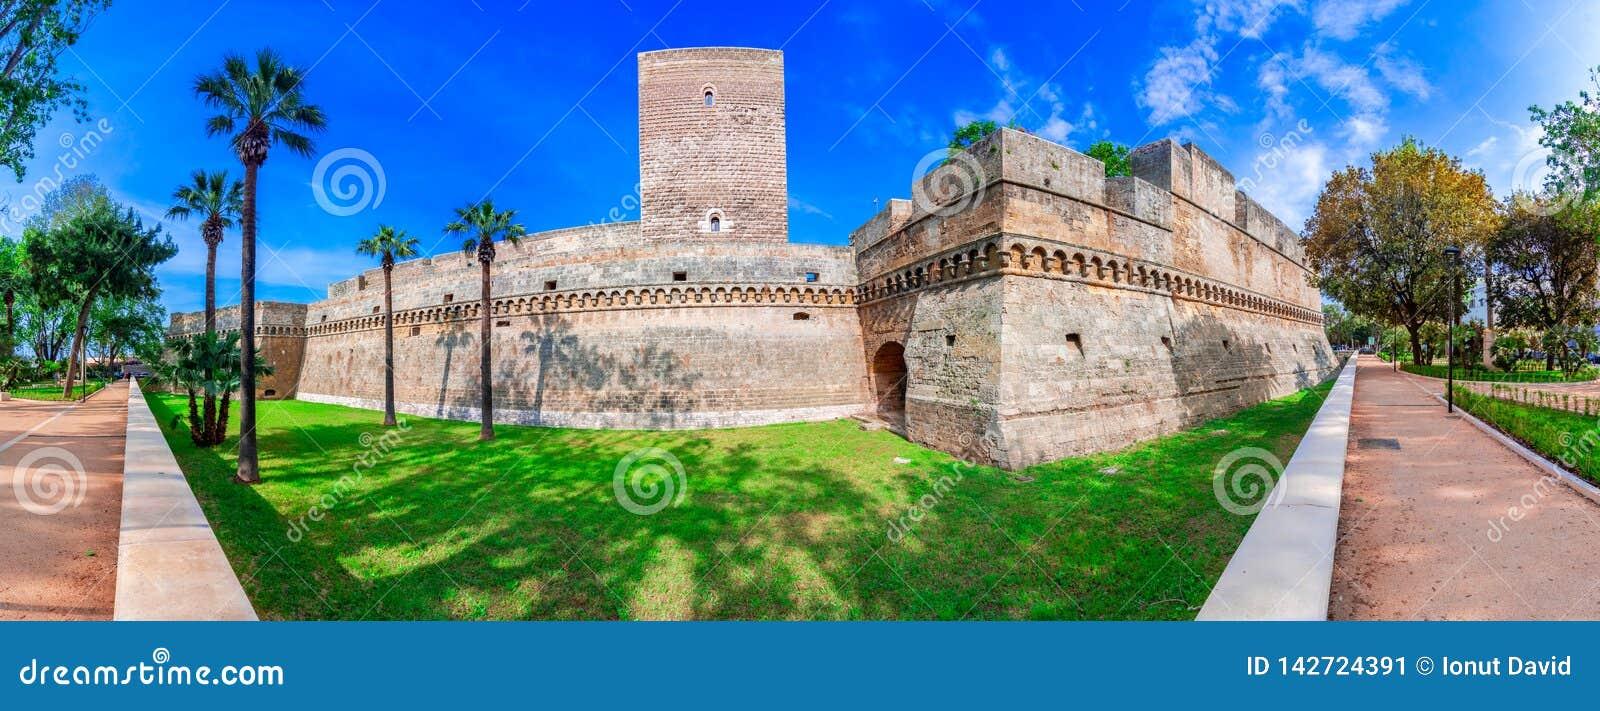 巴里,意大利,普利亚:德国的兹瓦本地方城堡或帝堡城Svevo,也叫帝堡城Normanno,普利亚